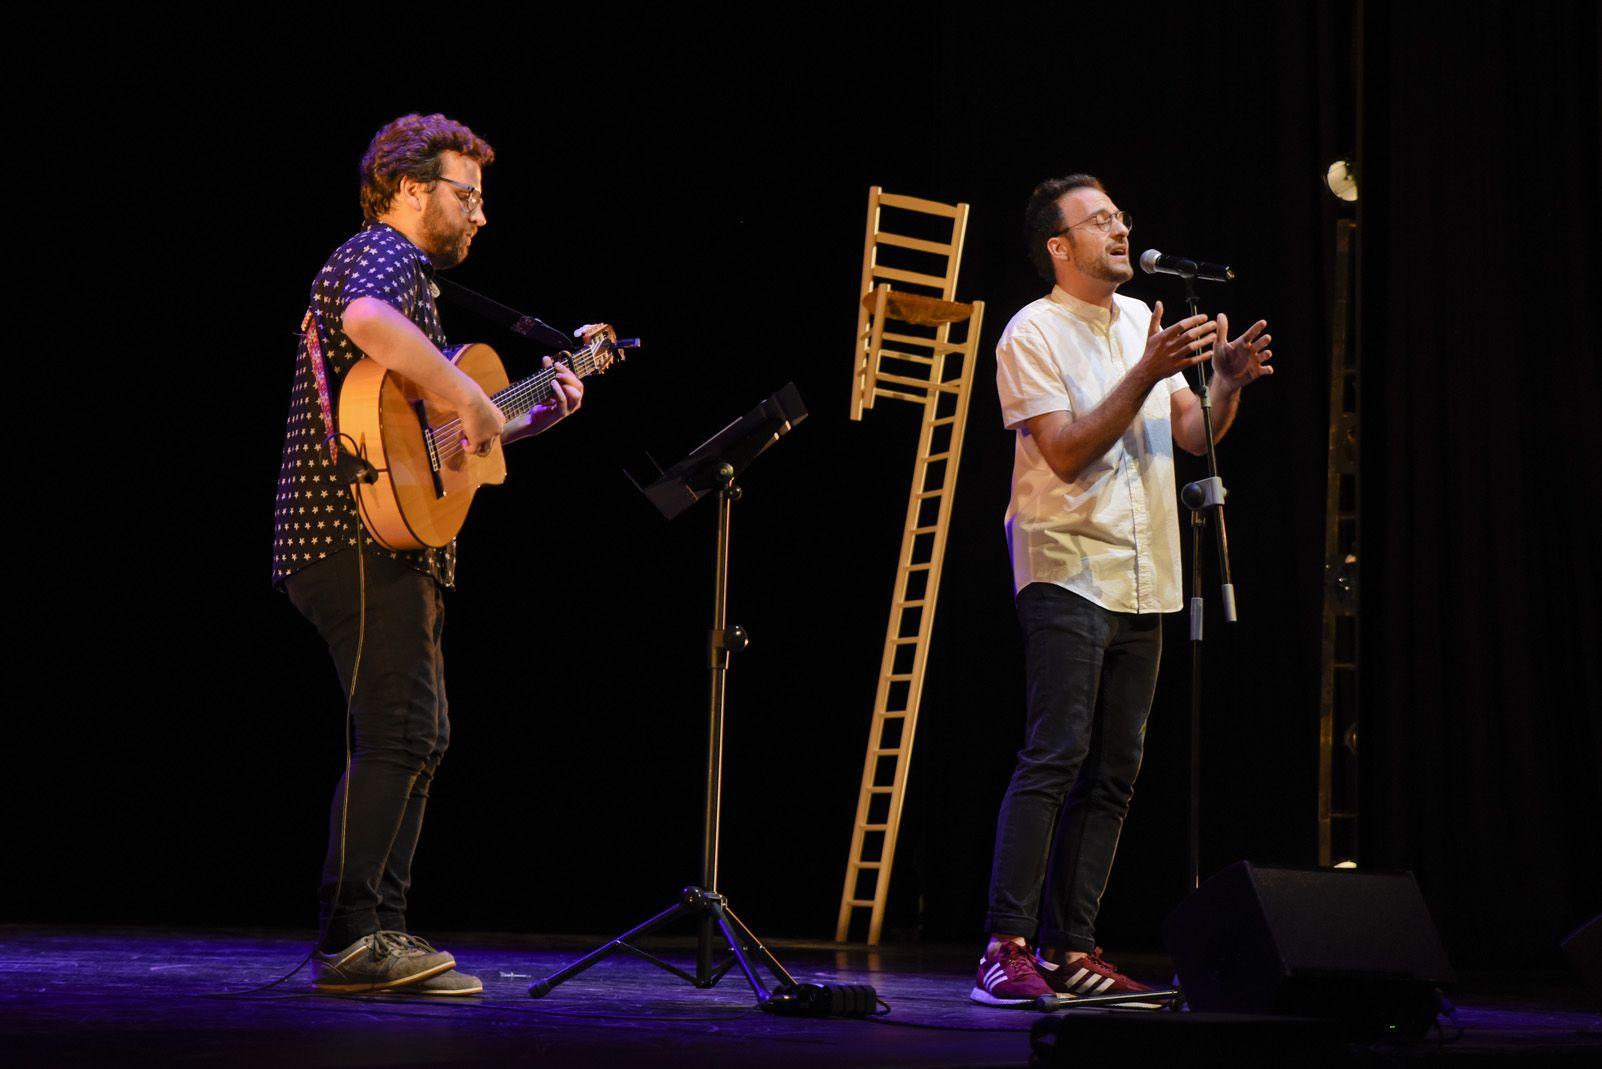 Presentació de la temporada 2019-20 al Teatre-Auditori. Foto: Bernat Millet.